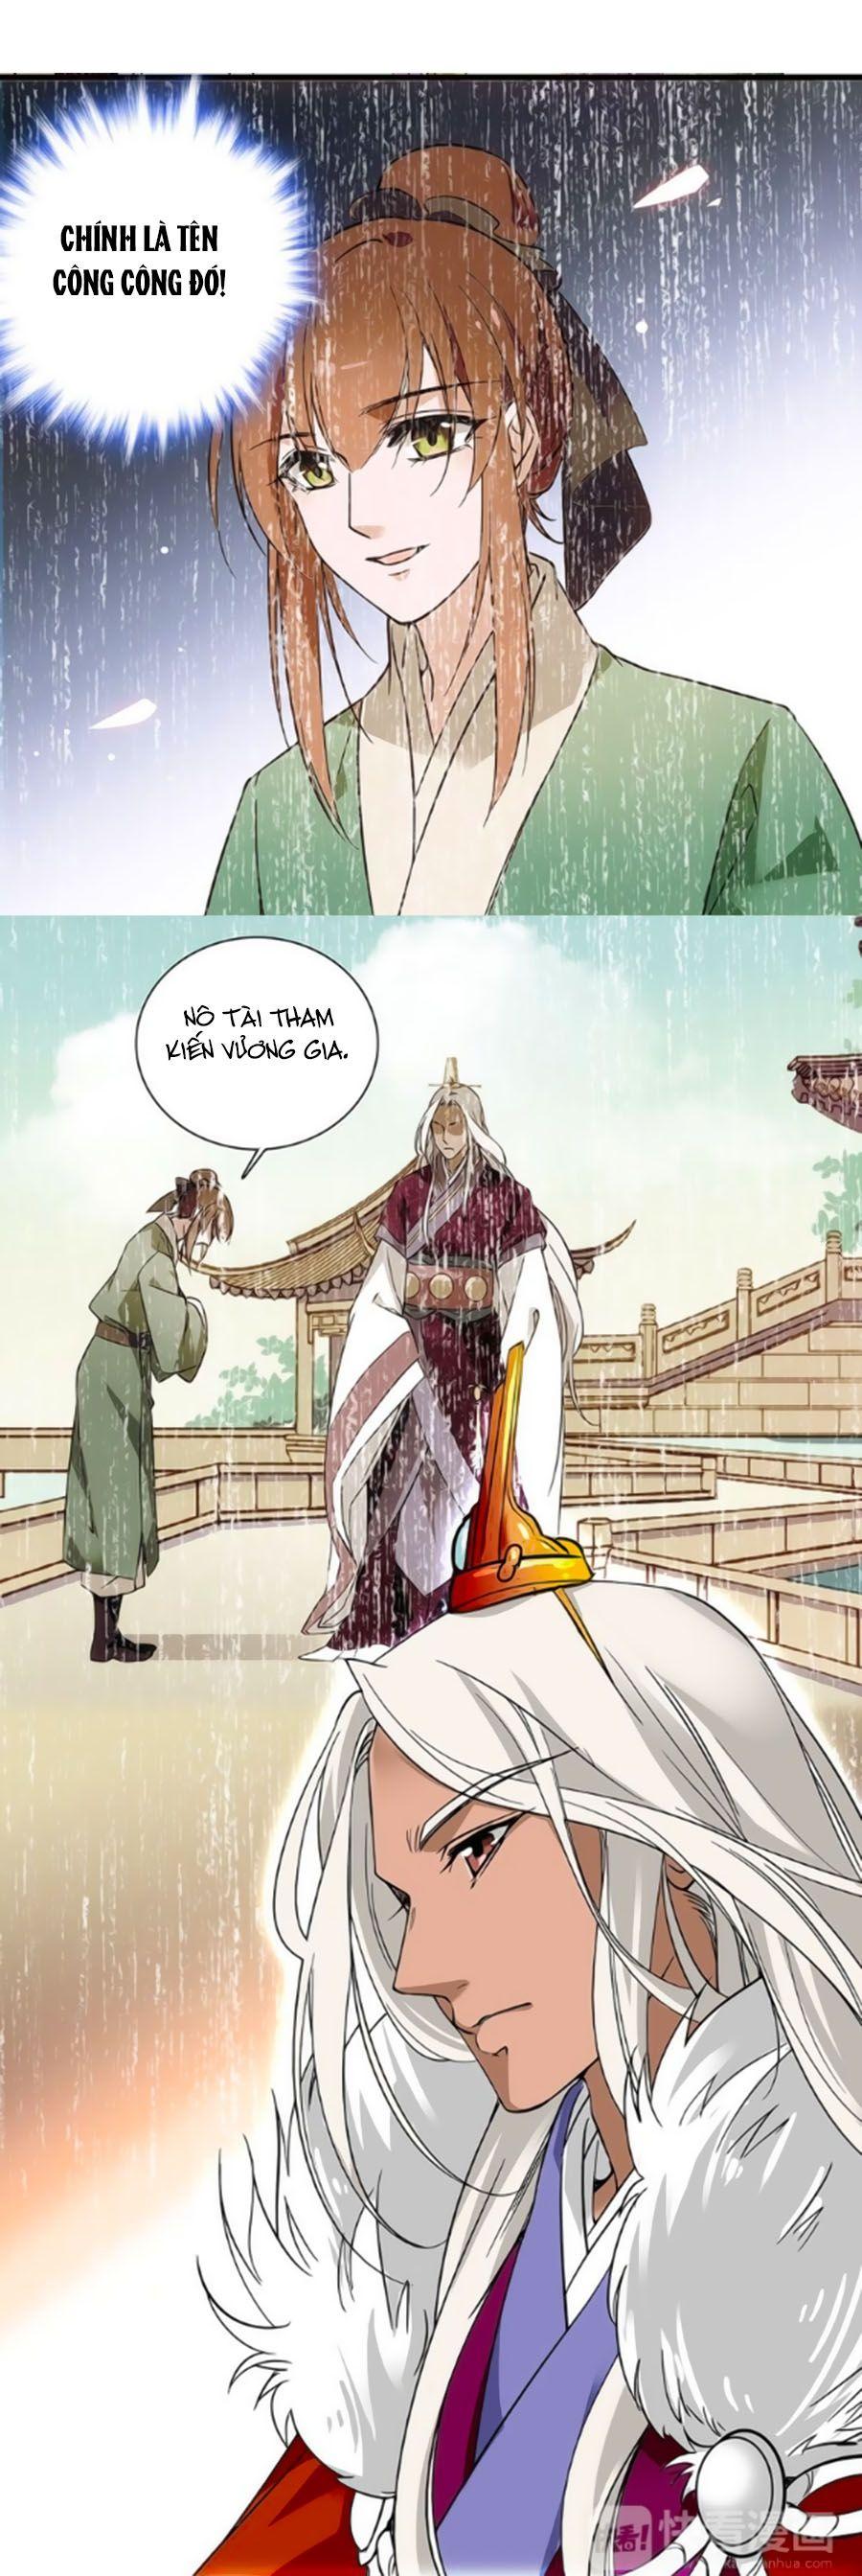 Hoàng Thượng! Hãy Sủng Ái Ta Đi! Chap 34